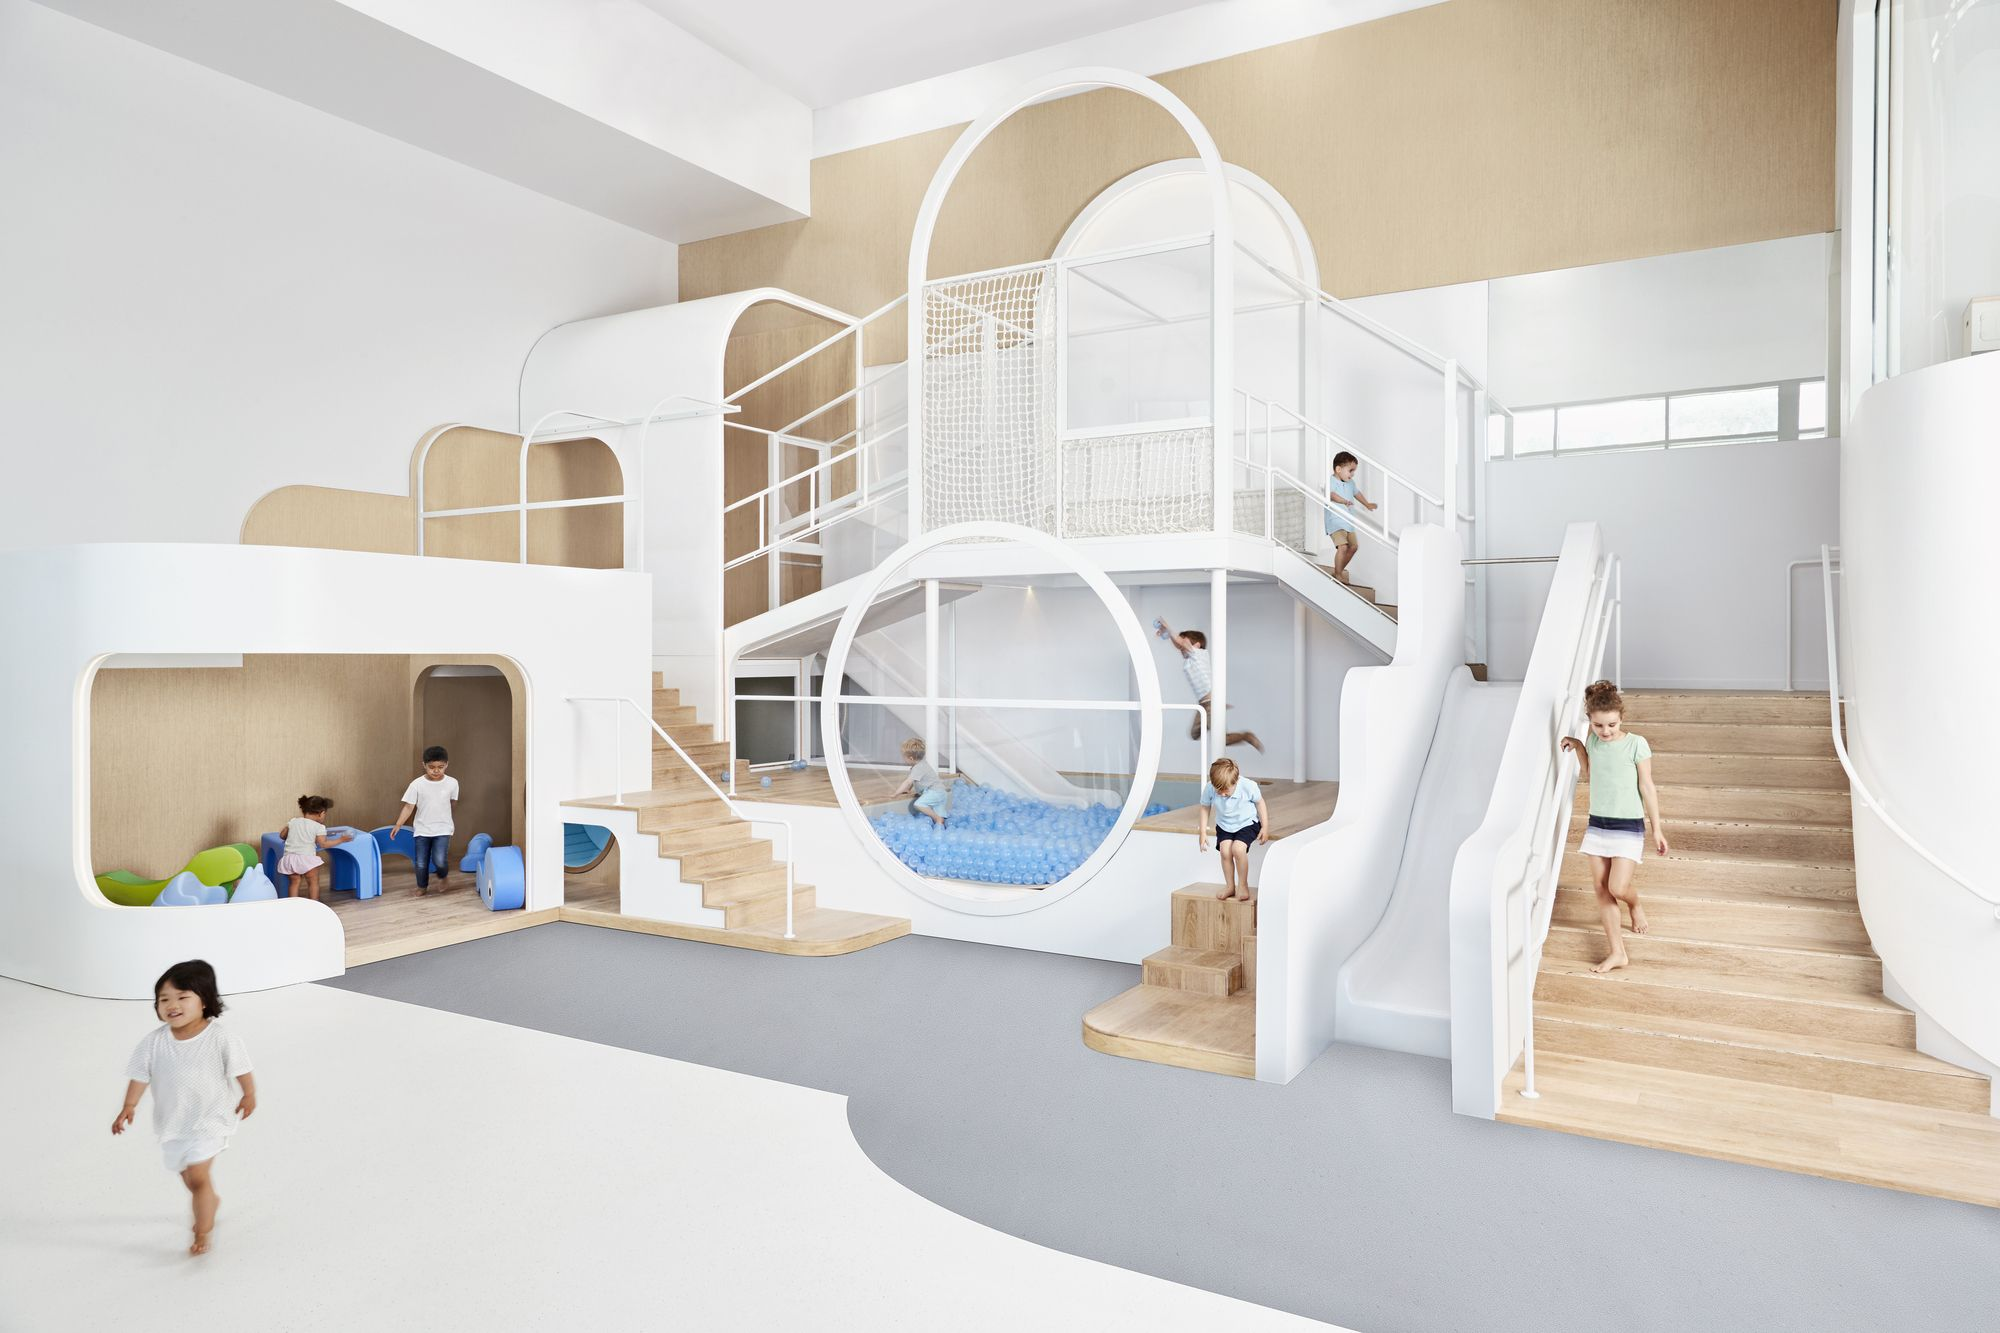 Nubo Pal Design Mit Bildern Kindergarten Innenraum Produktdesign Raumlichkeiten